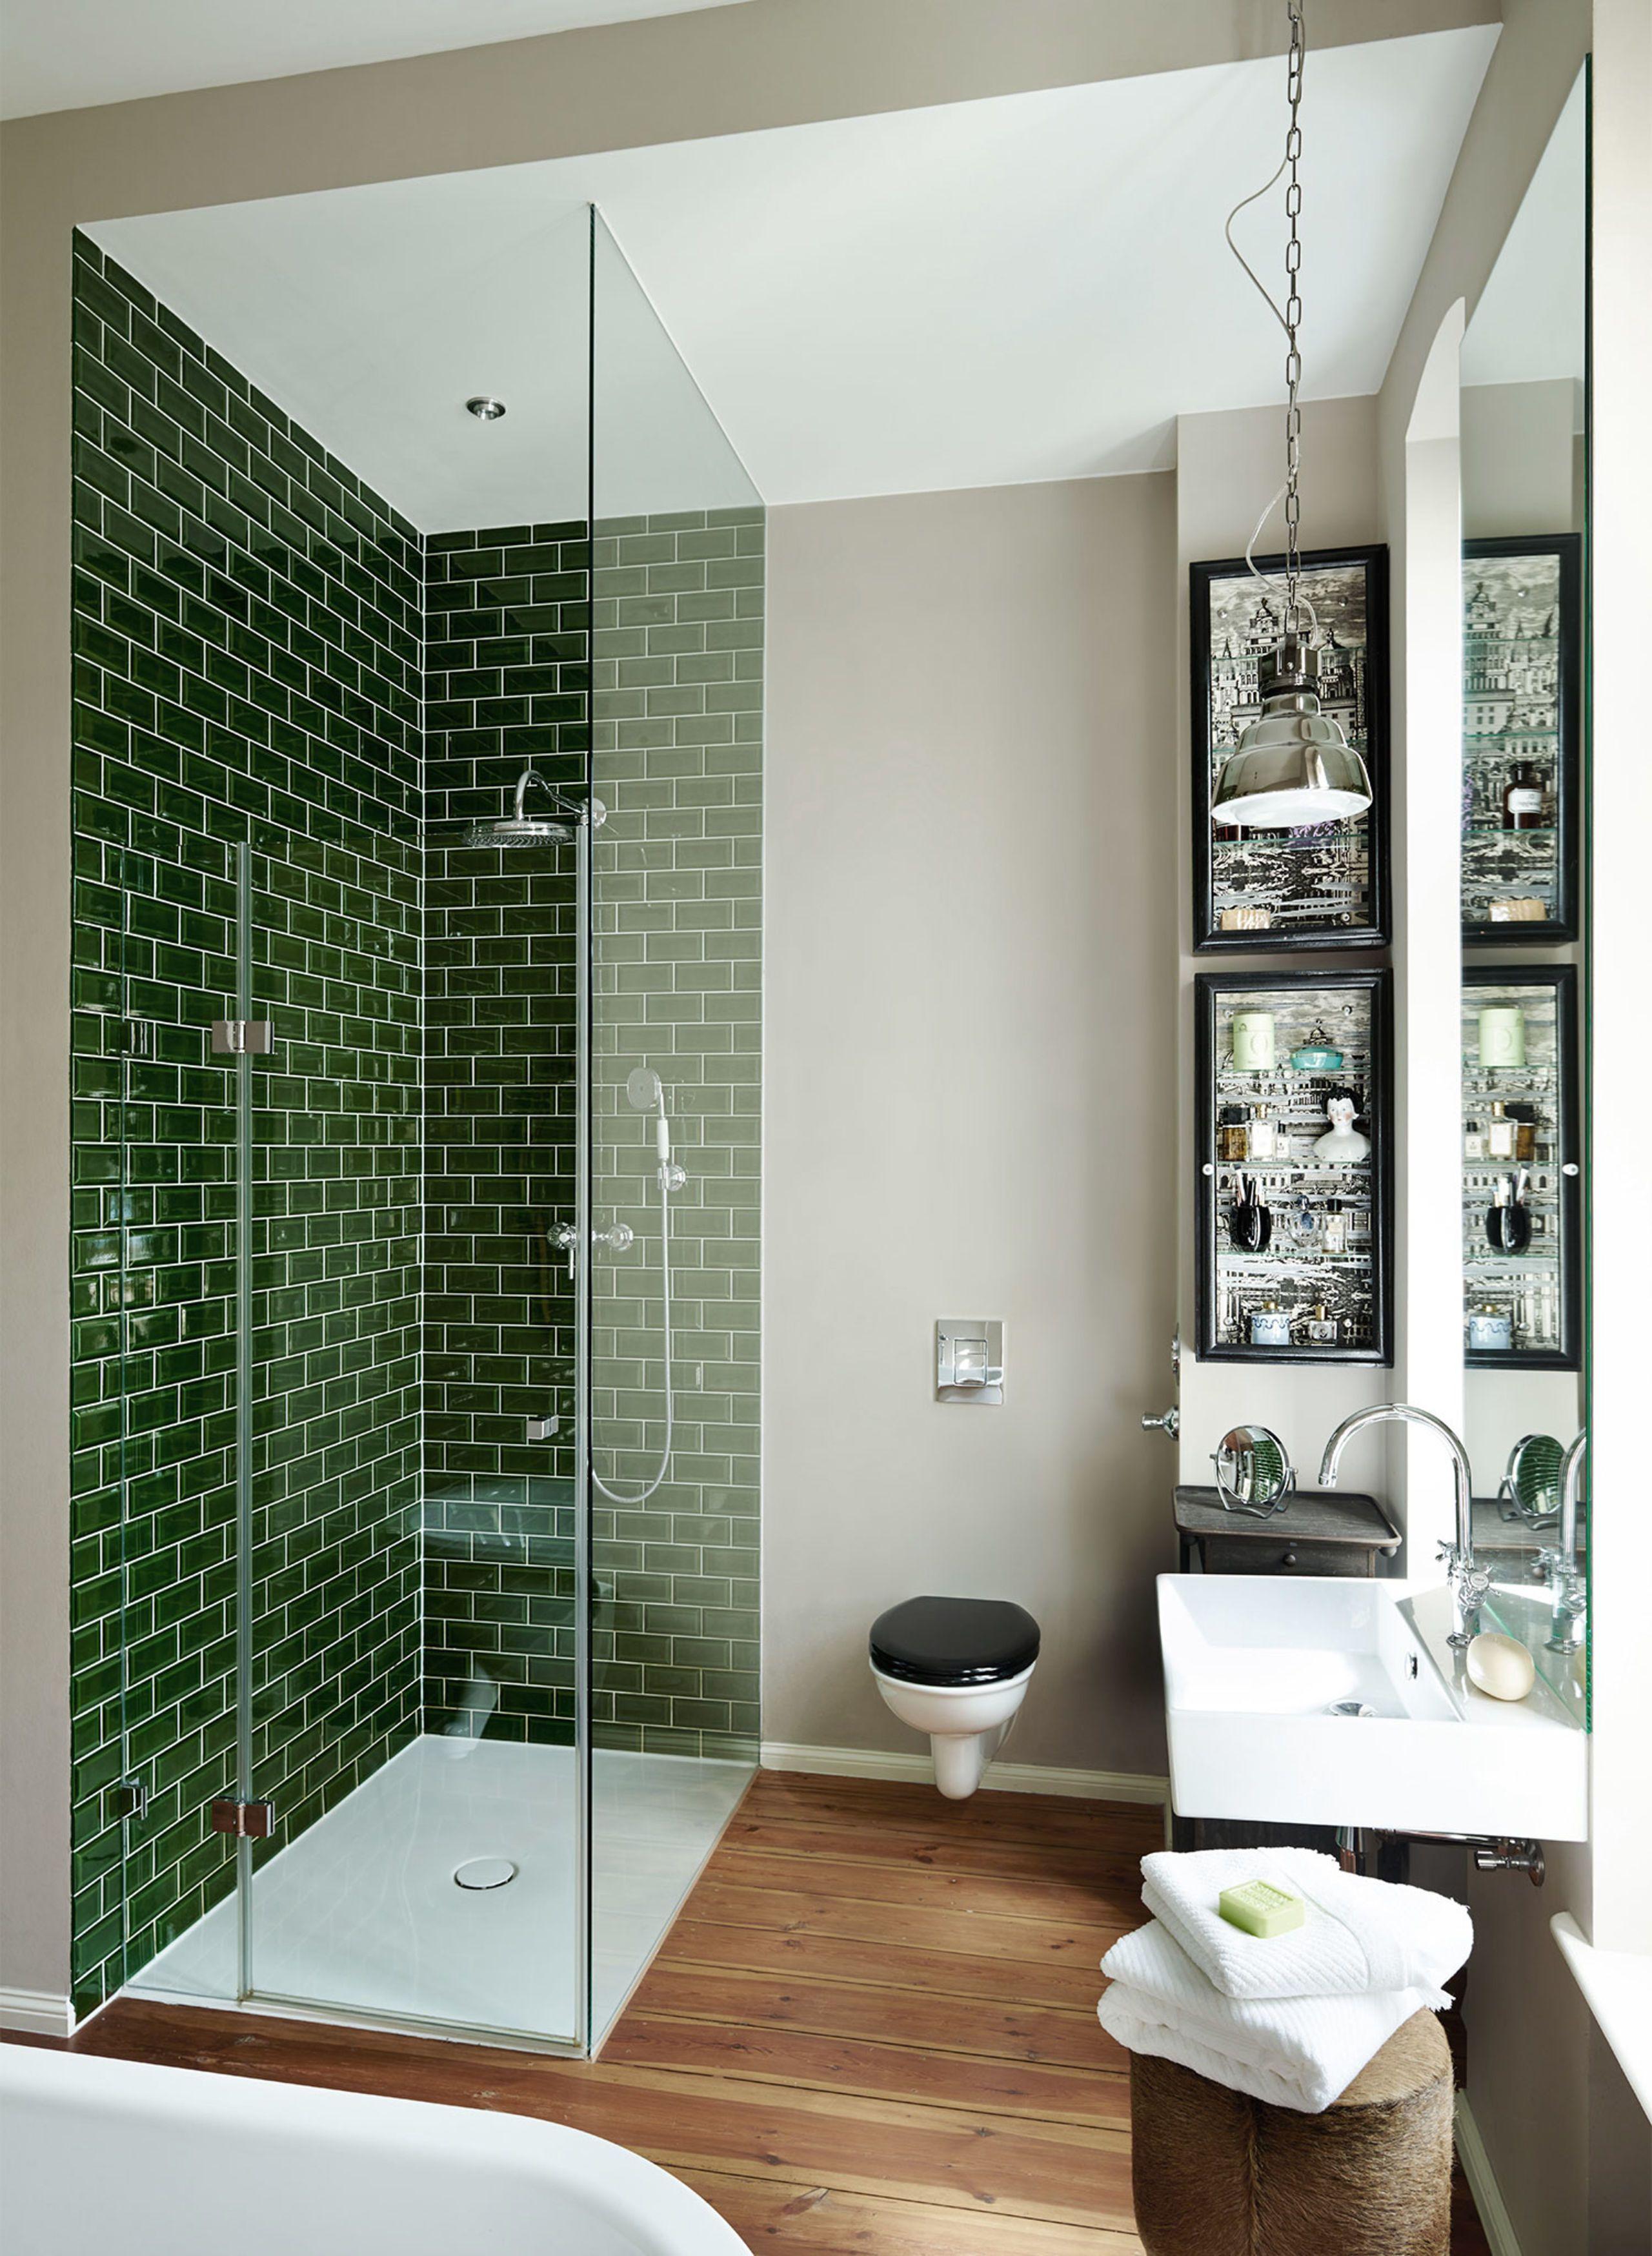 Ideen Fur Badezimmer Begehbare Ebenerdige Dusche Mit Glasturen